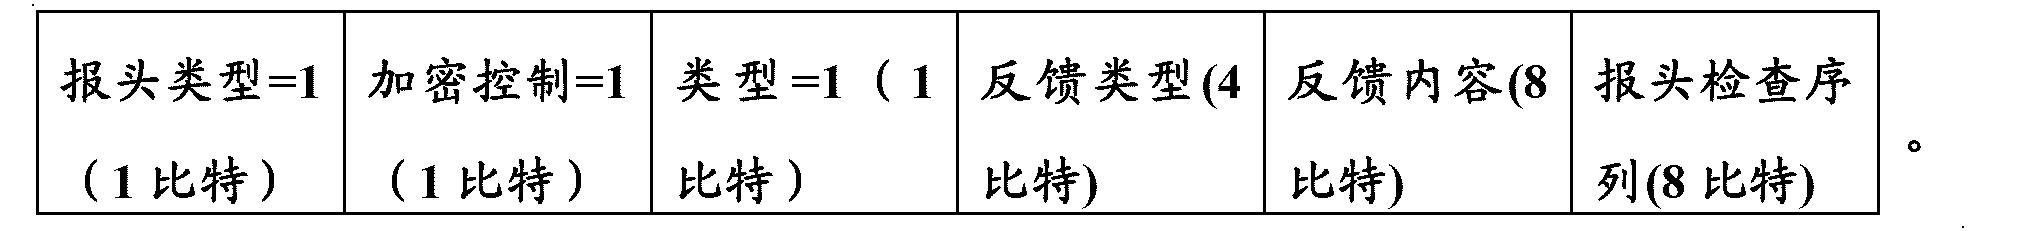 Figure CN101156322BC00023